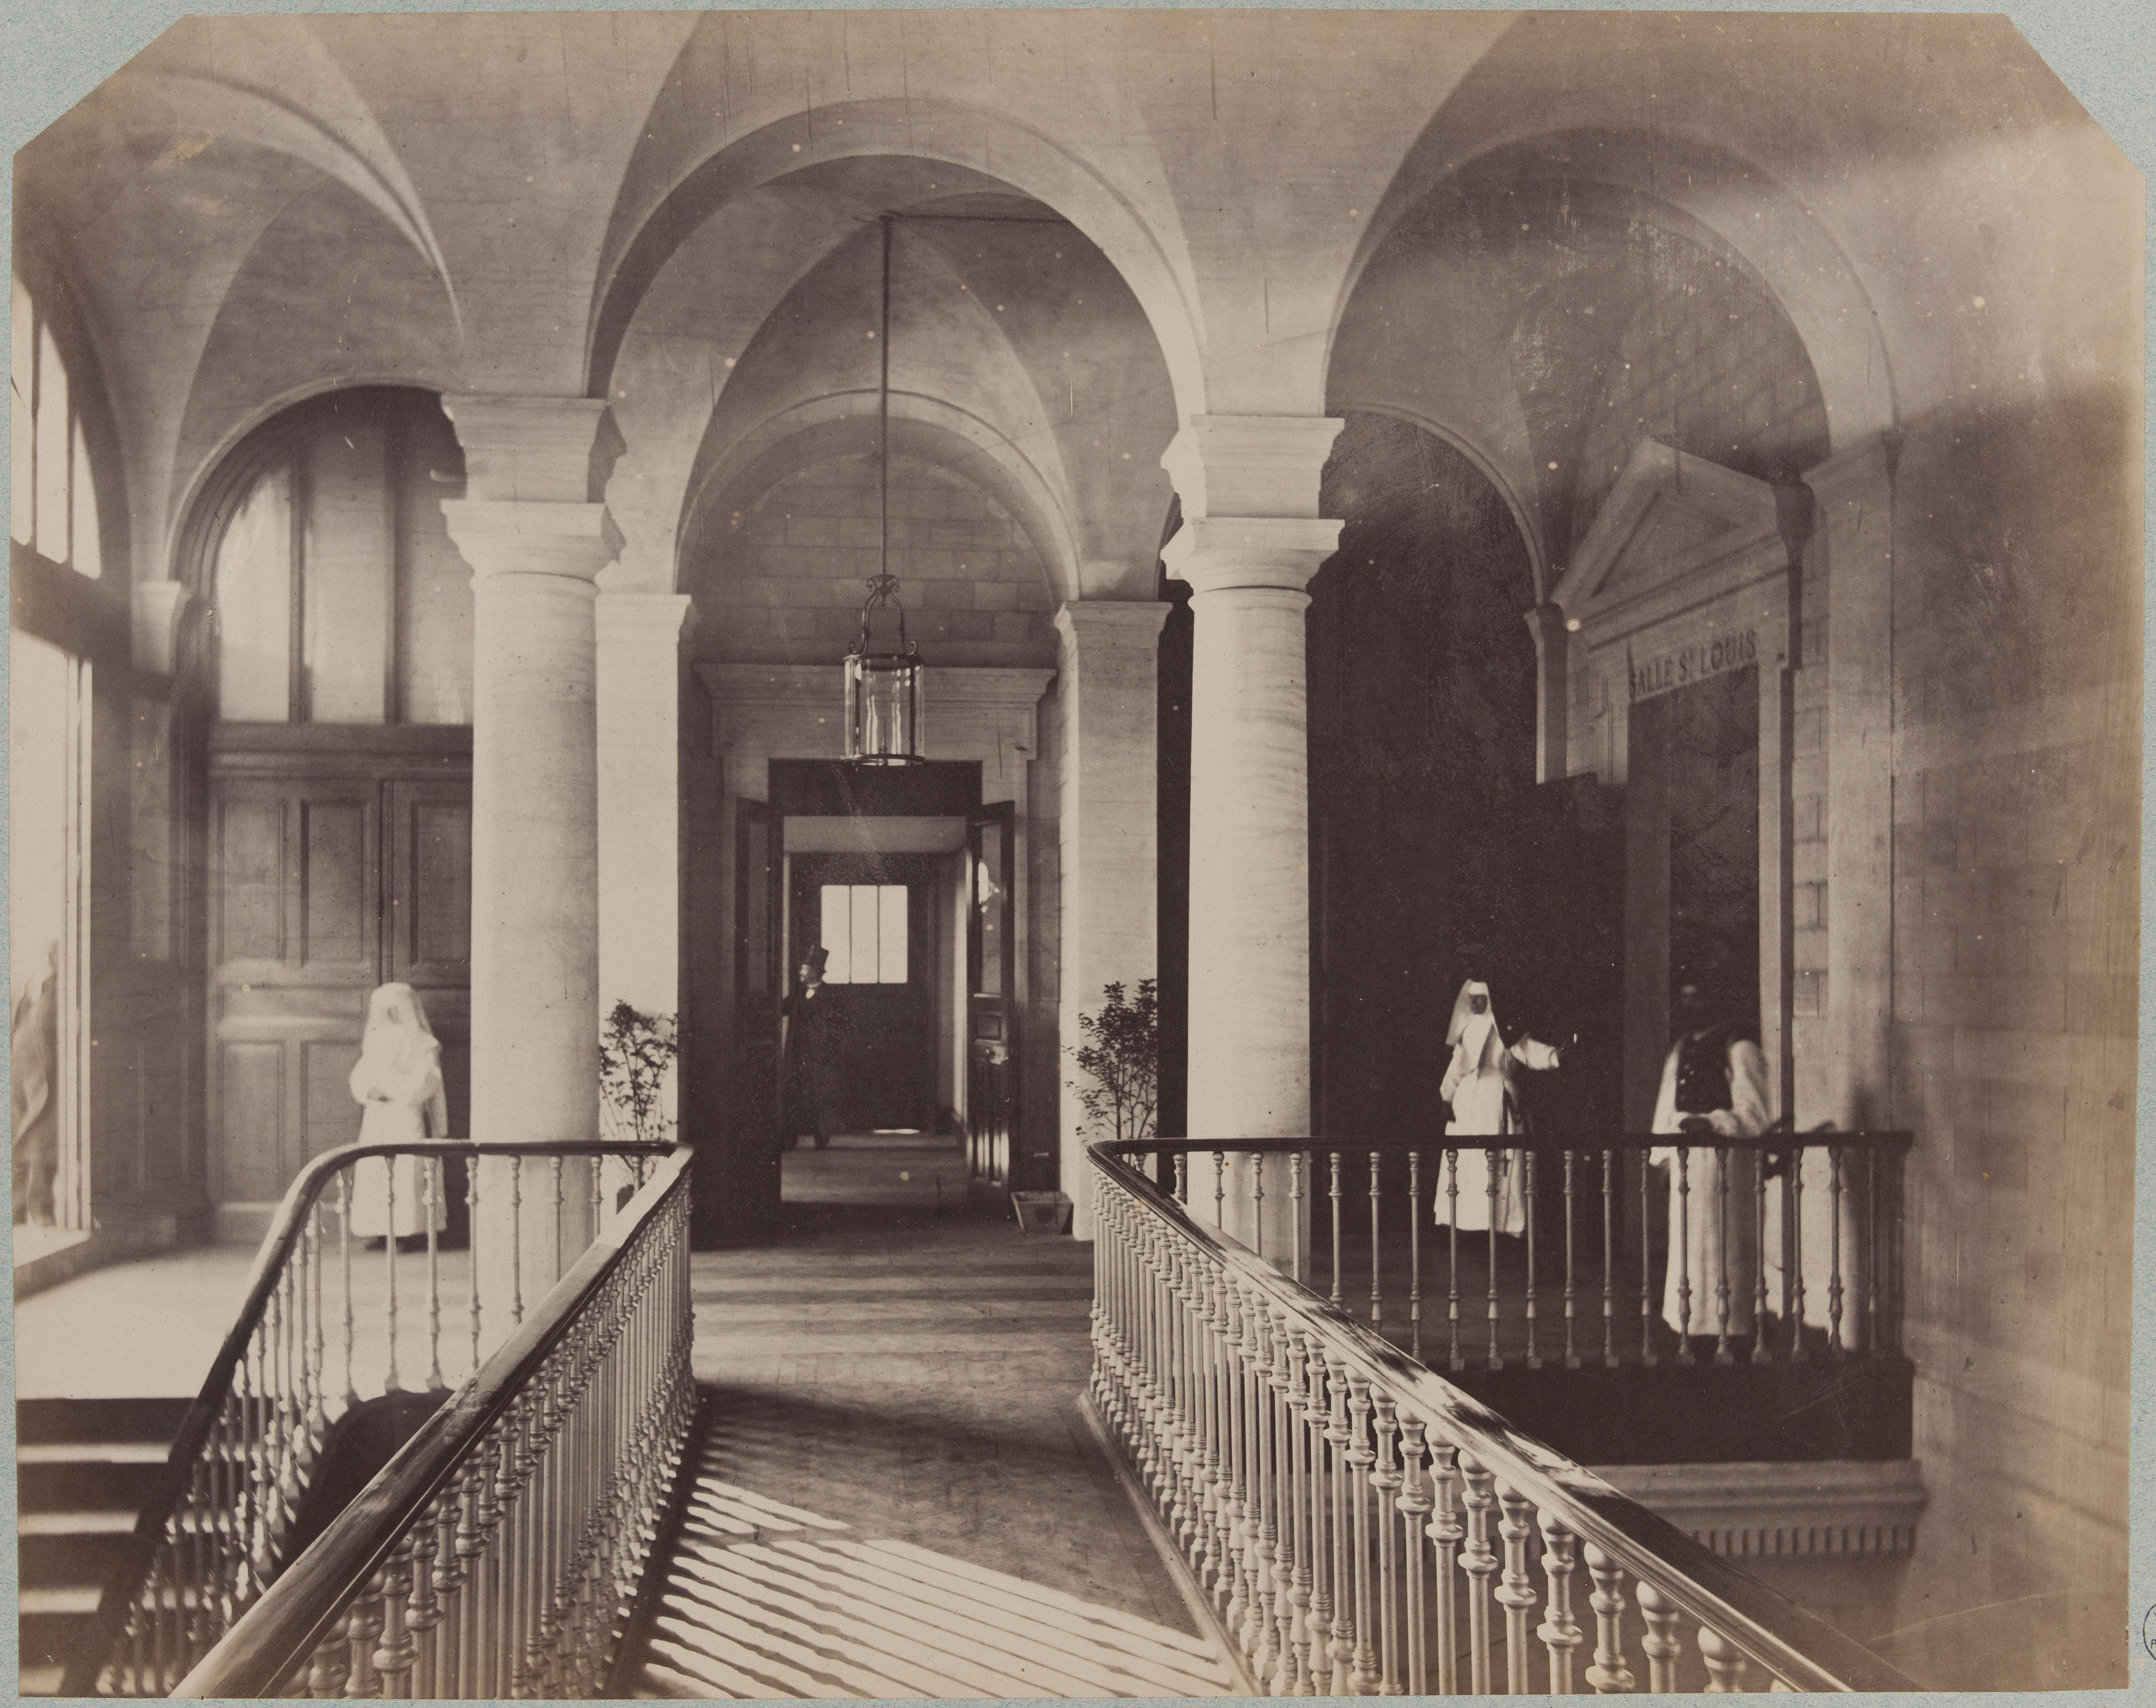 Коридор и лестничная площадка 2-го этажа нового Отель-Дьё де Пари